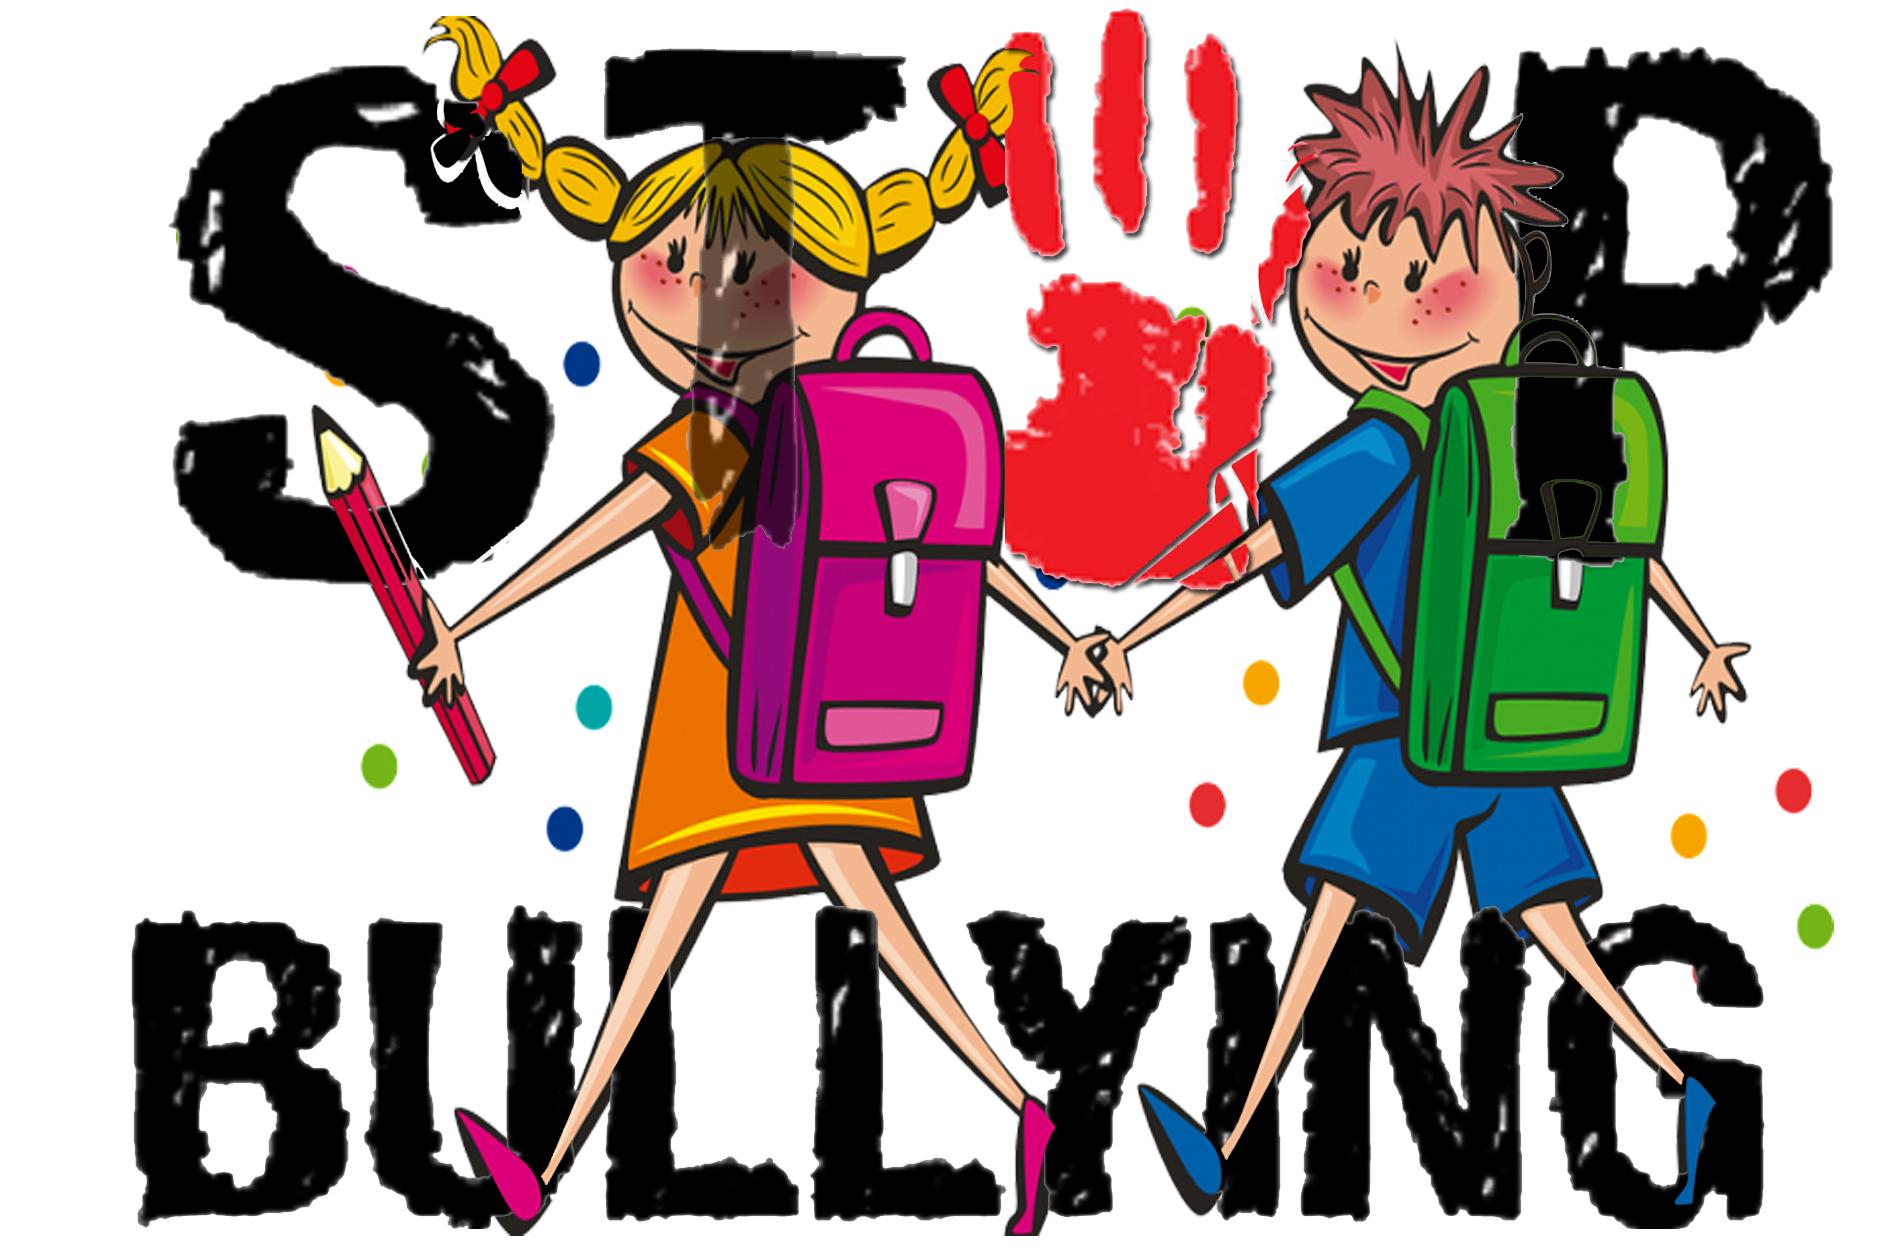 Πανελλήνια Ημέρα κατά της Σχολικής Βίας (βίντεο)